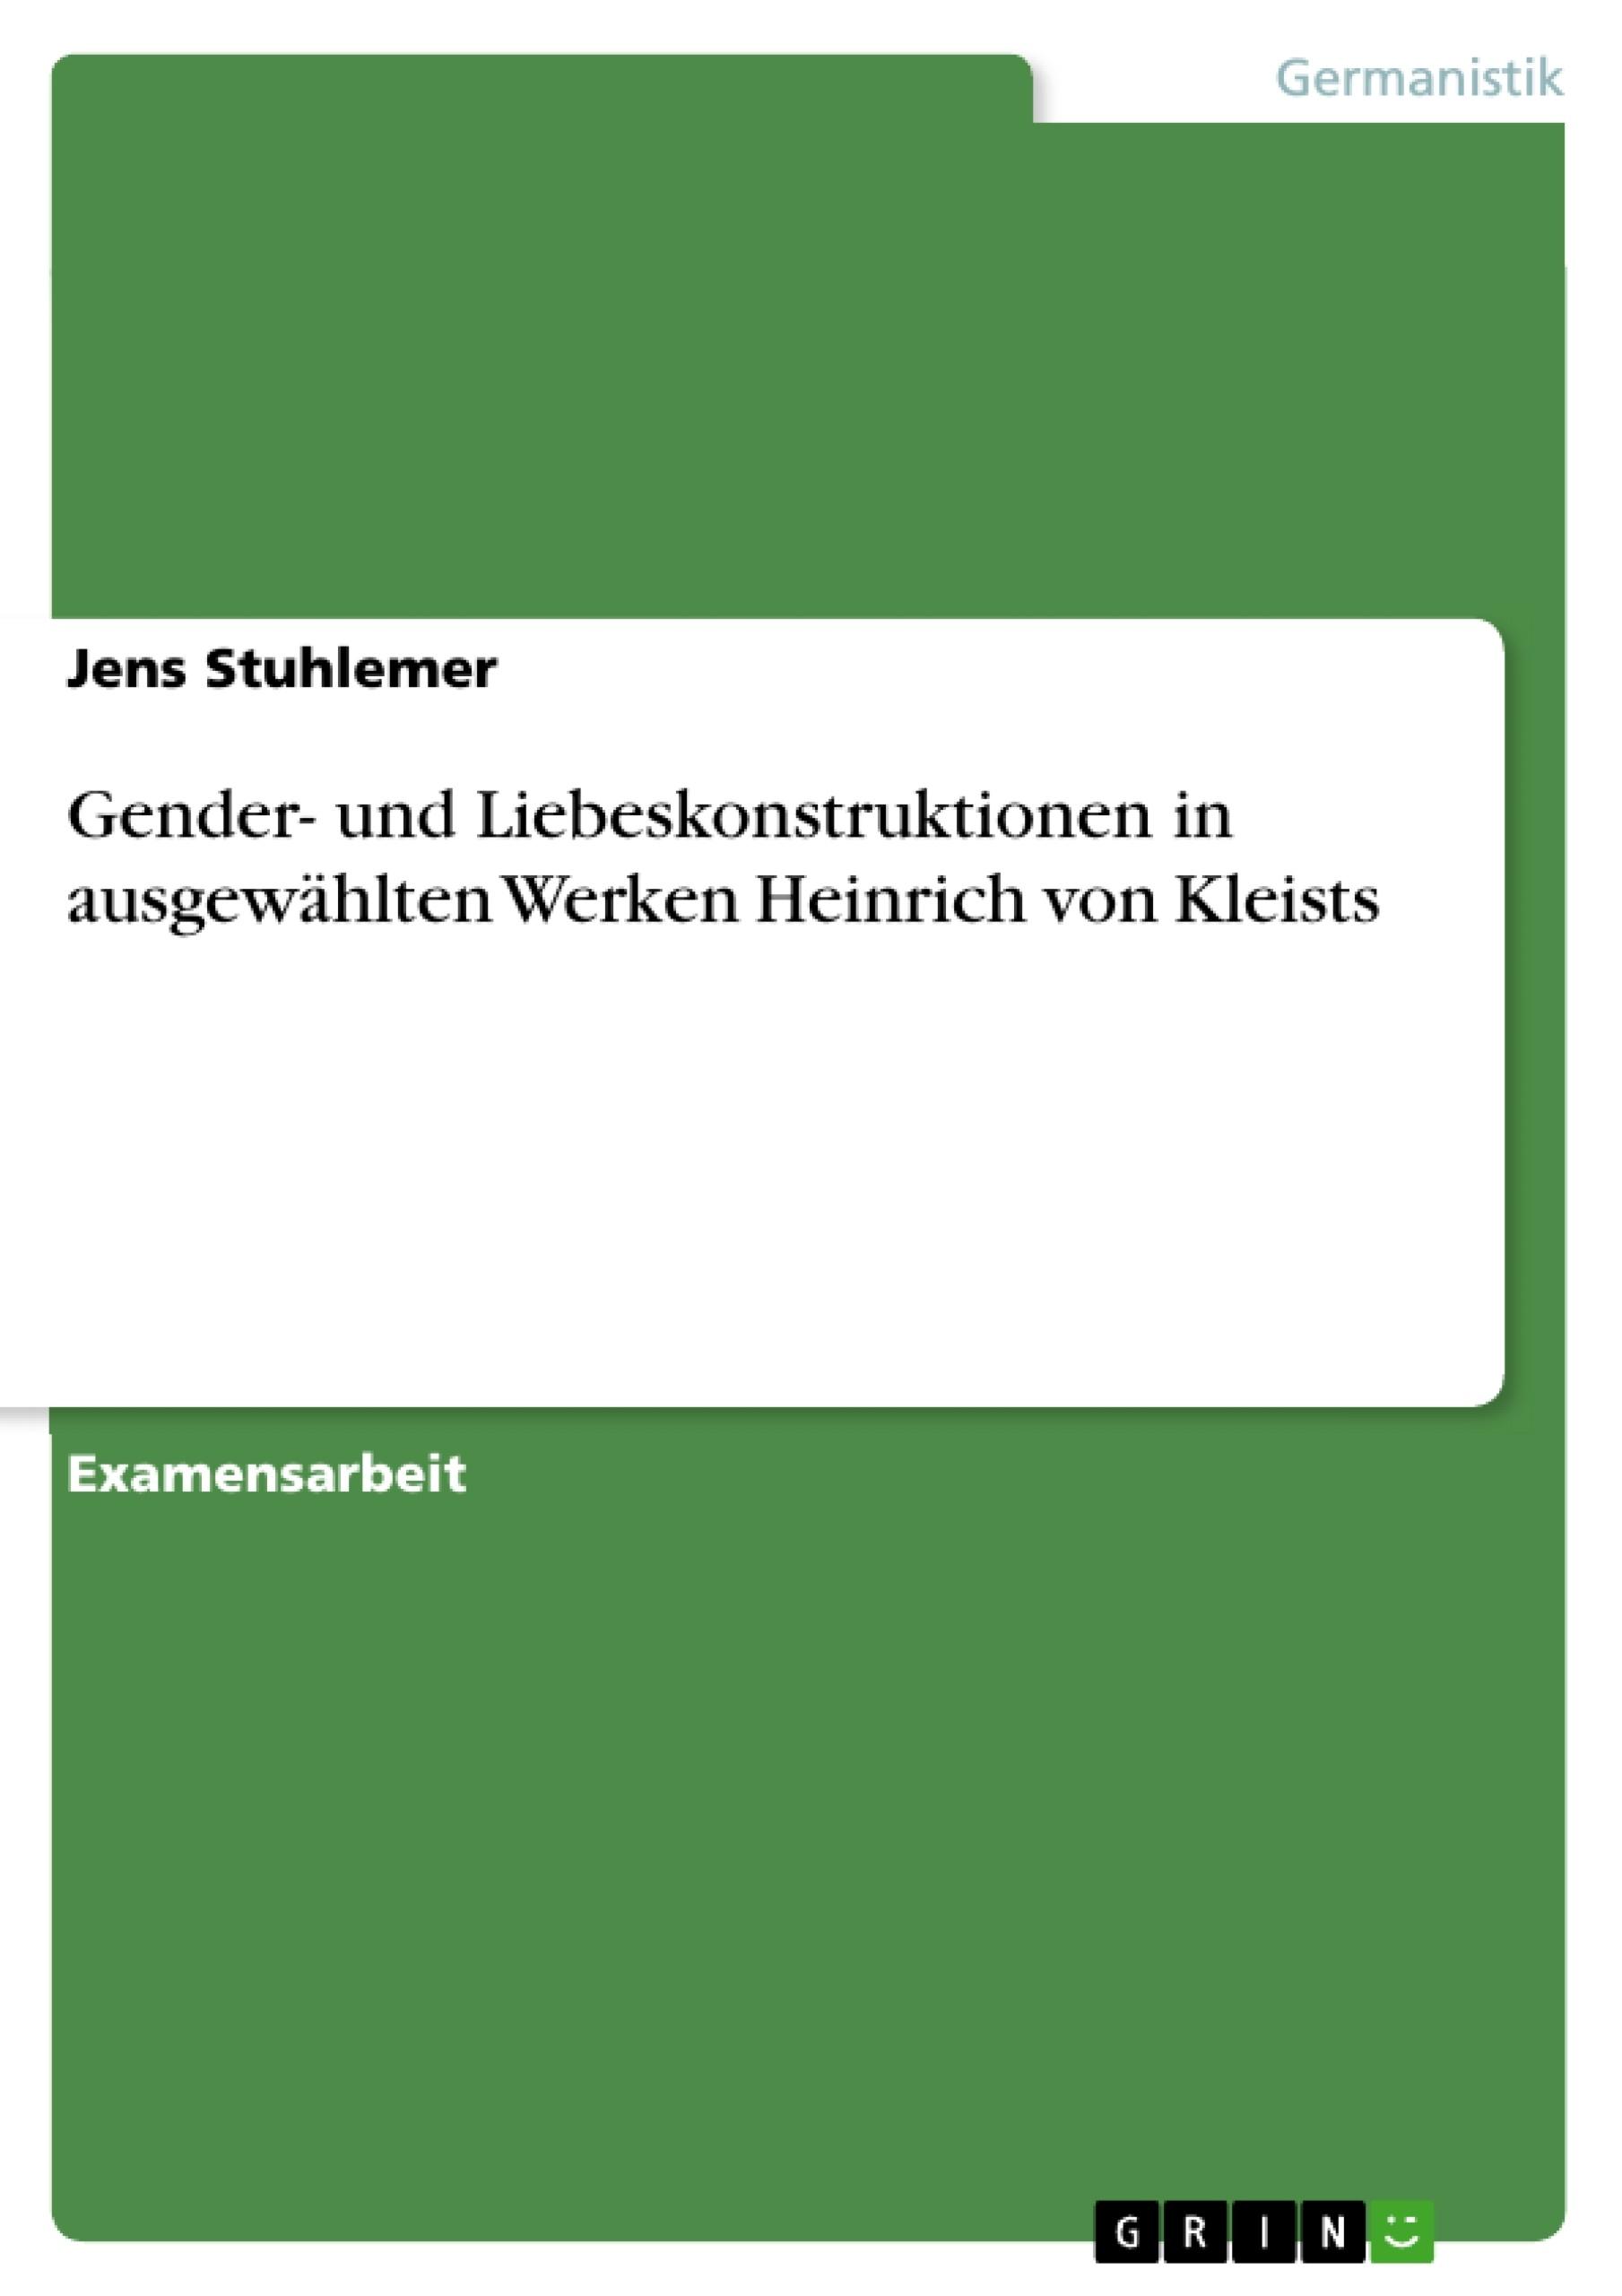 Titel: Gender- und Liebeskonstruktionen in ausgewählten Werken Heinrich von Kleists